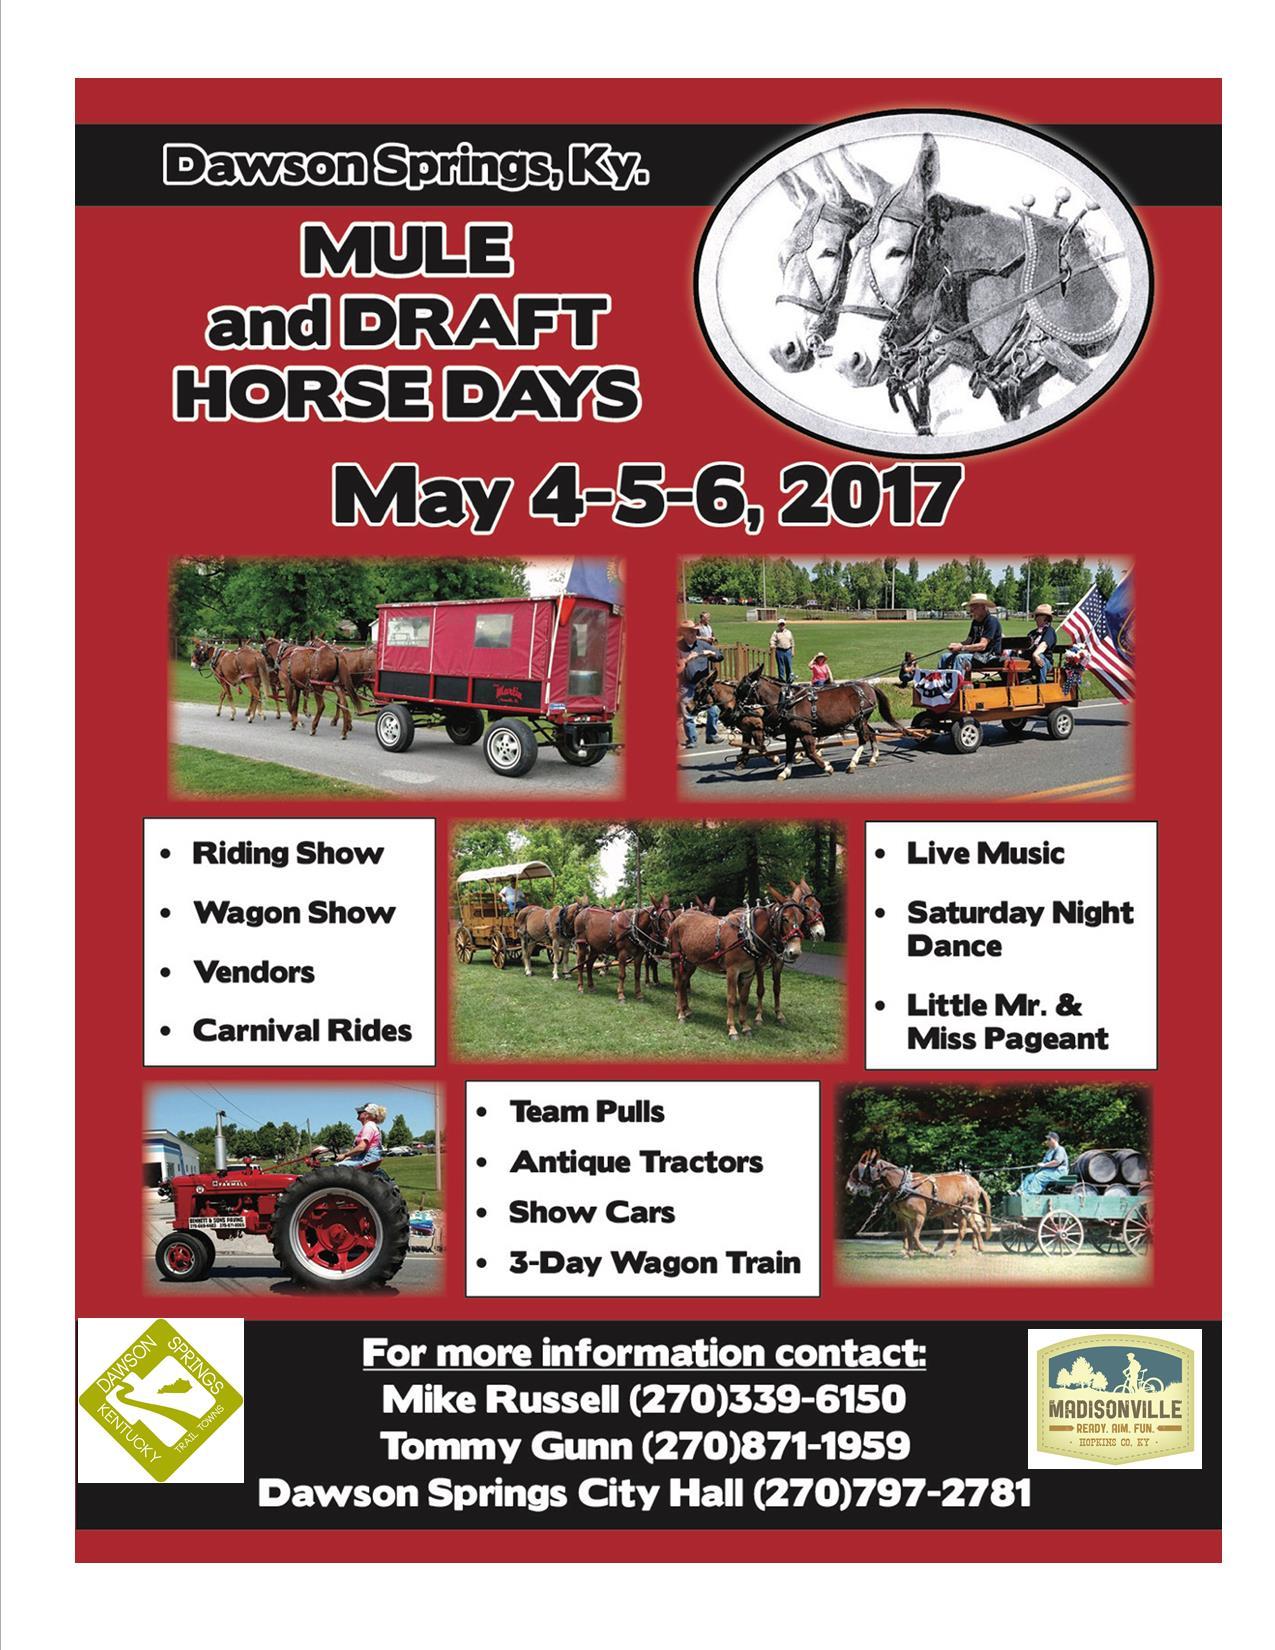 Mule days 2017 Logos